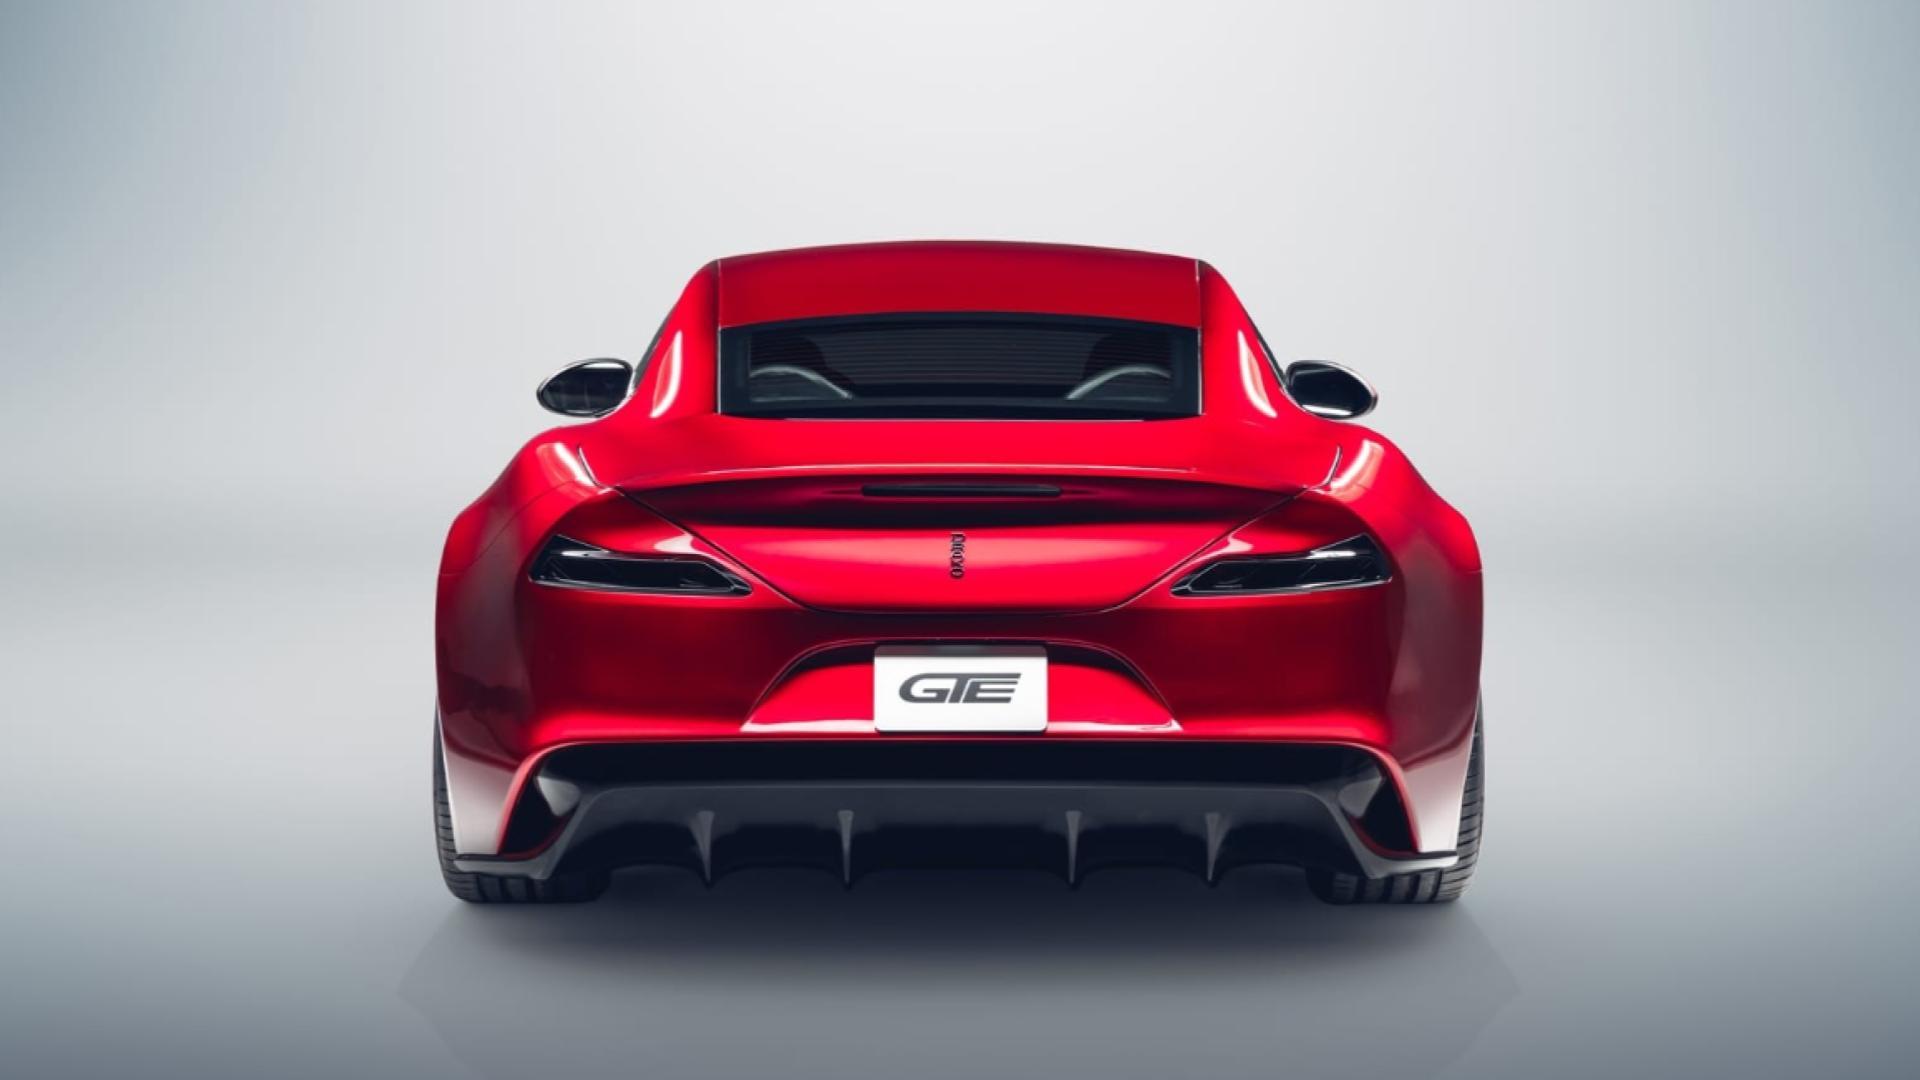 Oubliez la Fisker Karma : la Drako GTE est une berline électrique de 1 200 chevaux